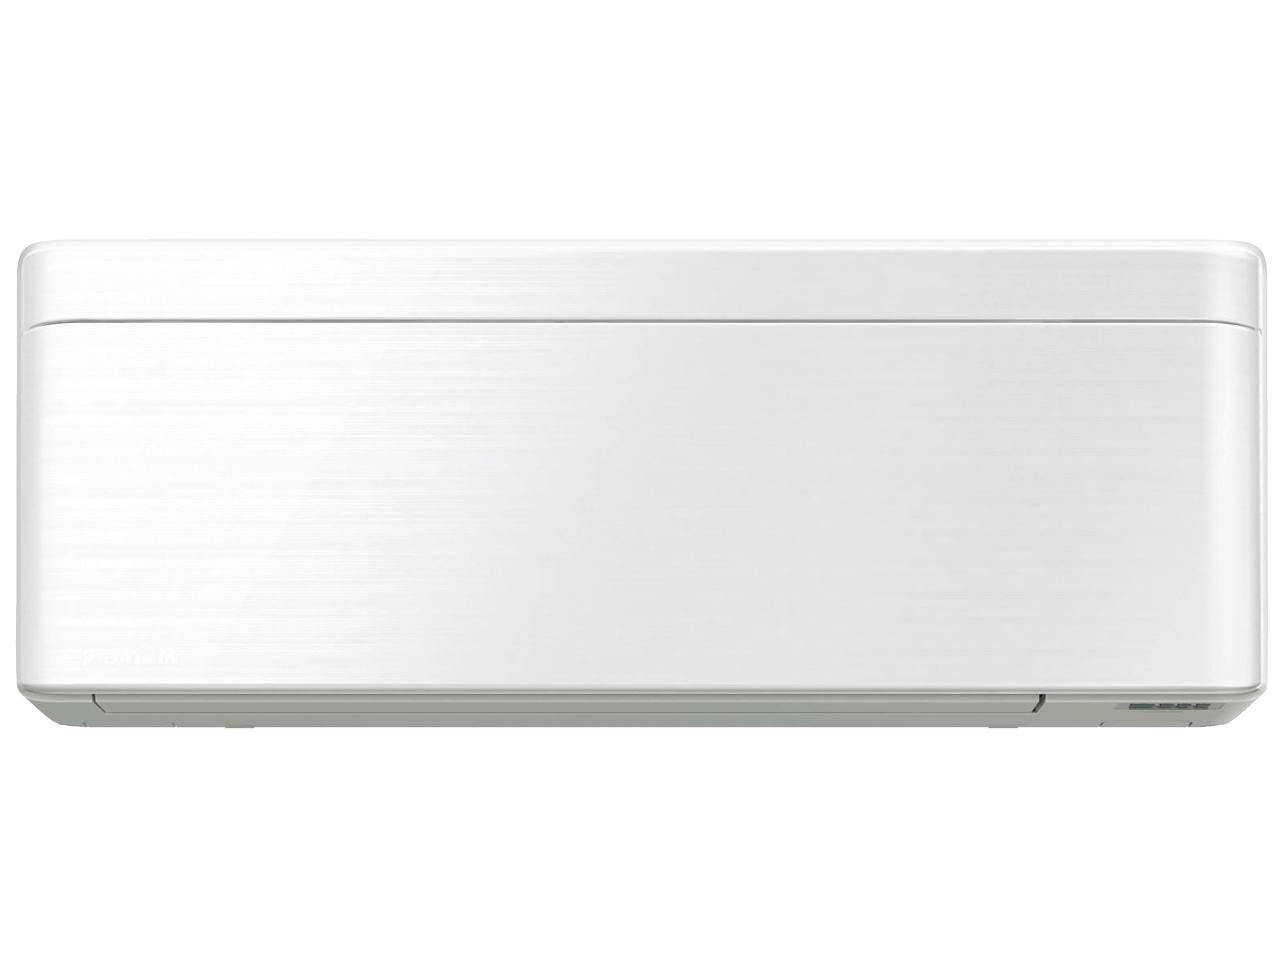 ダイキン S25WTSXS-W 19年モデル SXシリーズ 【100V用】8畳用冷暖房除湿エアコン